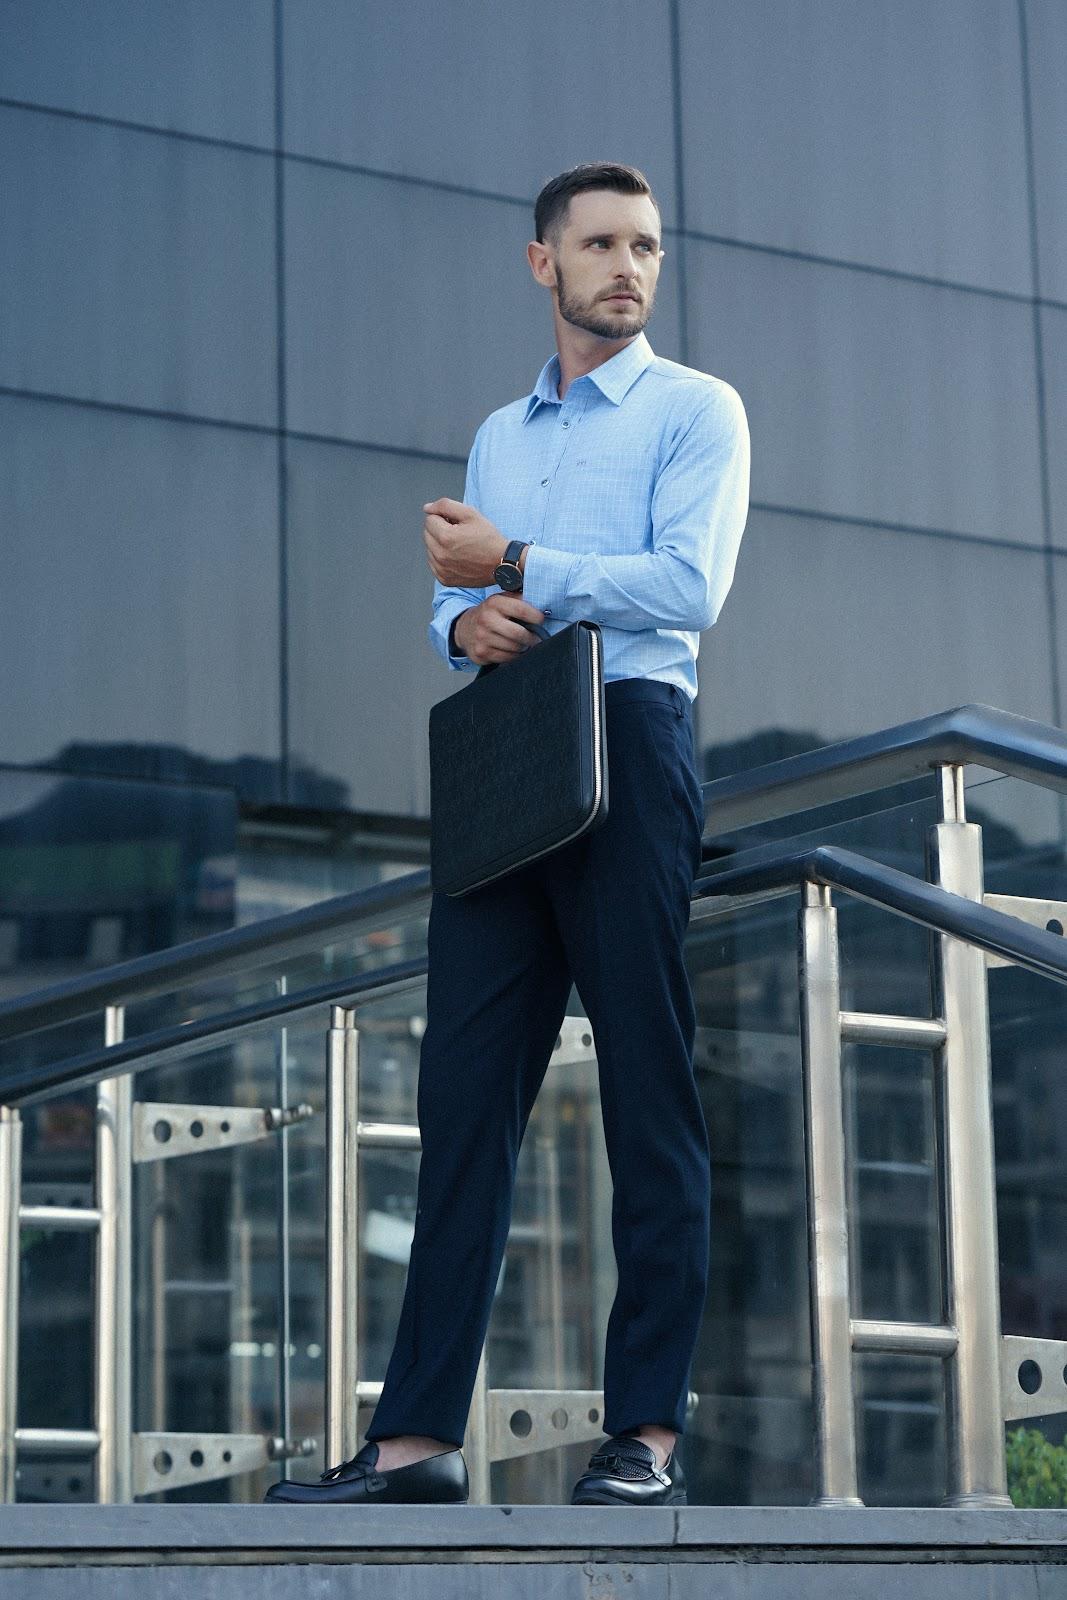 Áo sơ mi màu xanh nhạt là người bạn đồng hành lý tưởng của quý ông trong các buổi đàm phán, gặp gỡ đối tác...